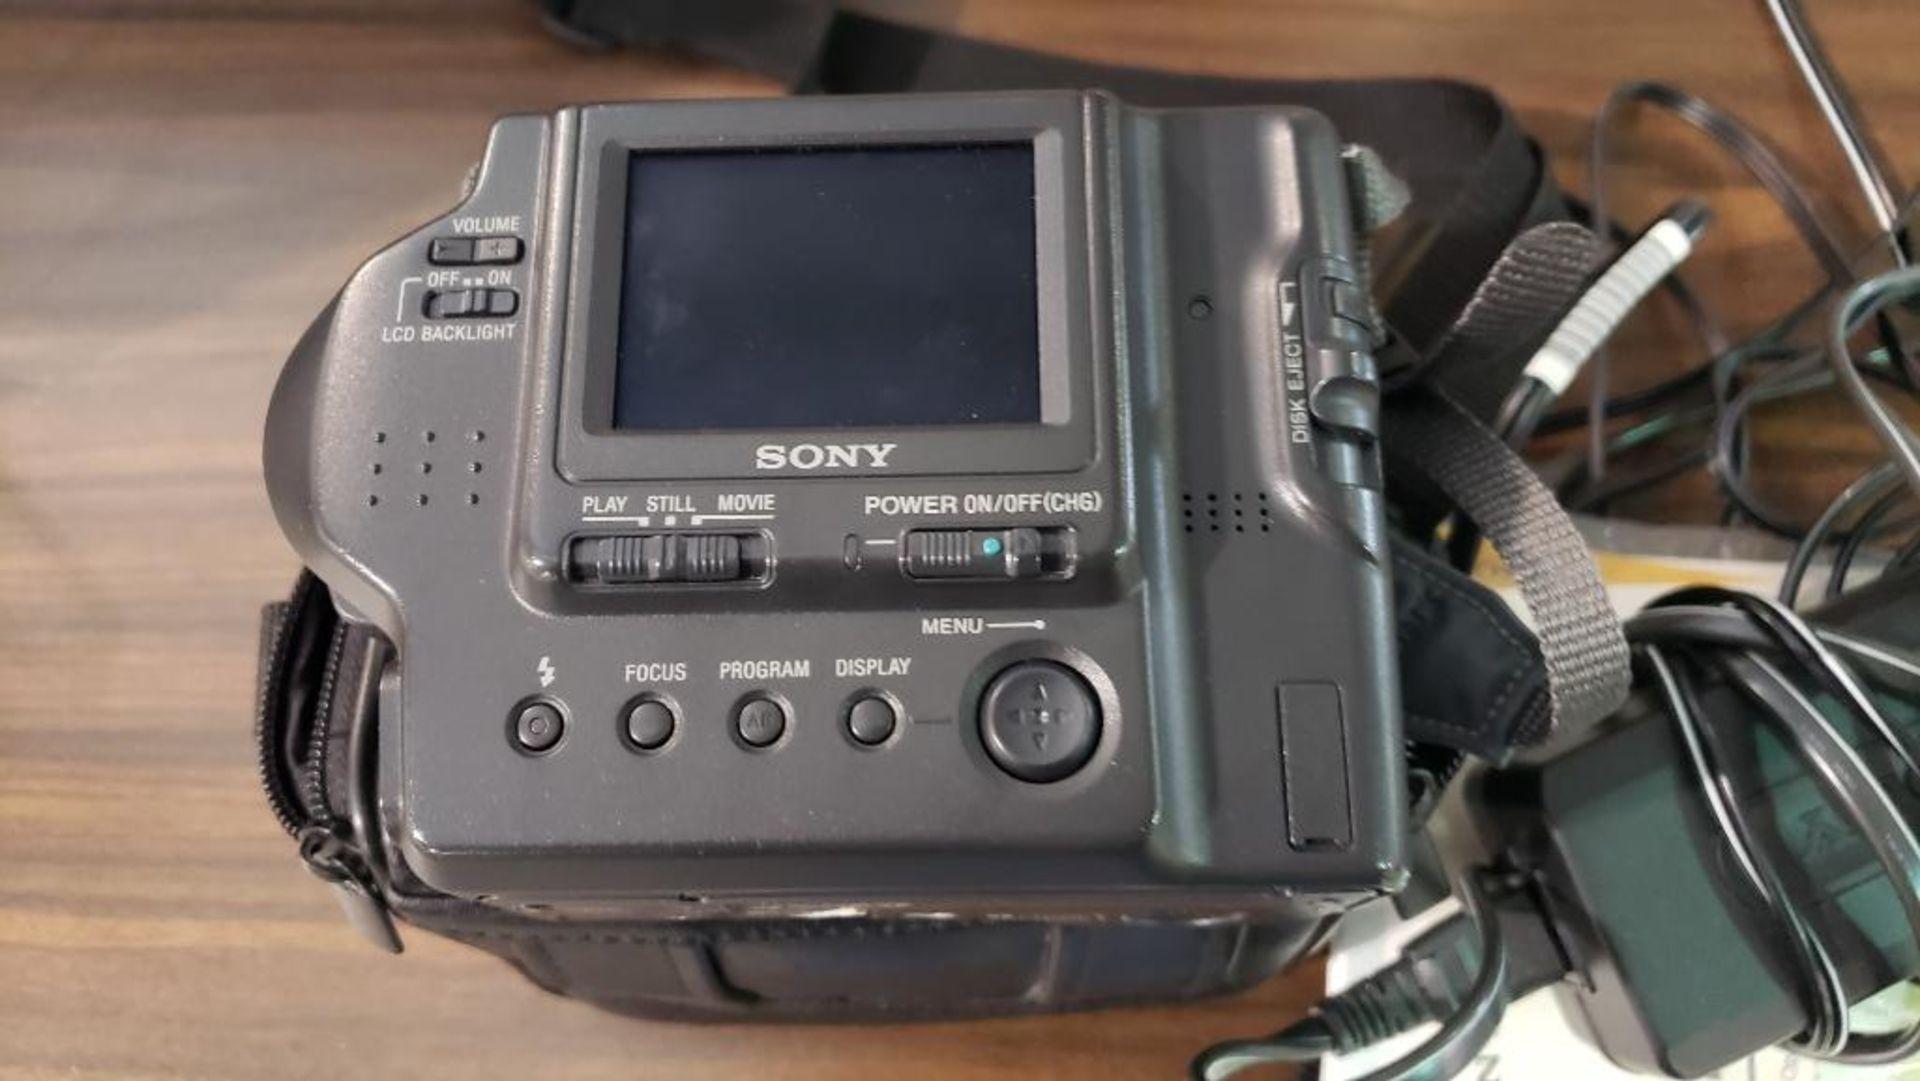 Sony Mavica digital camera. - Image 4 of 5